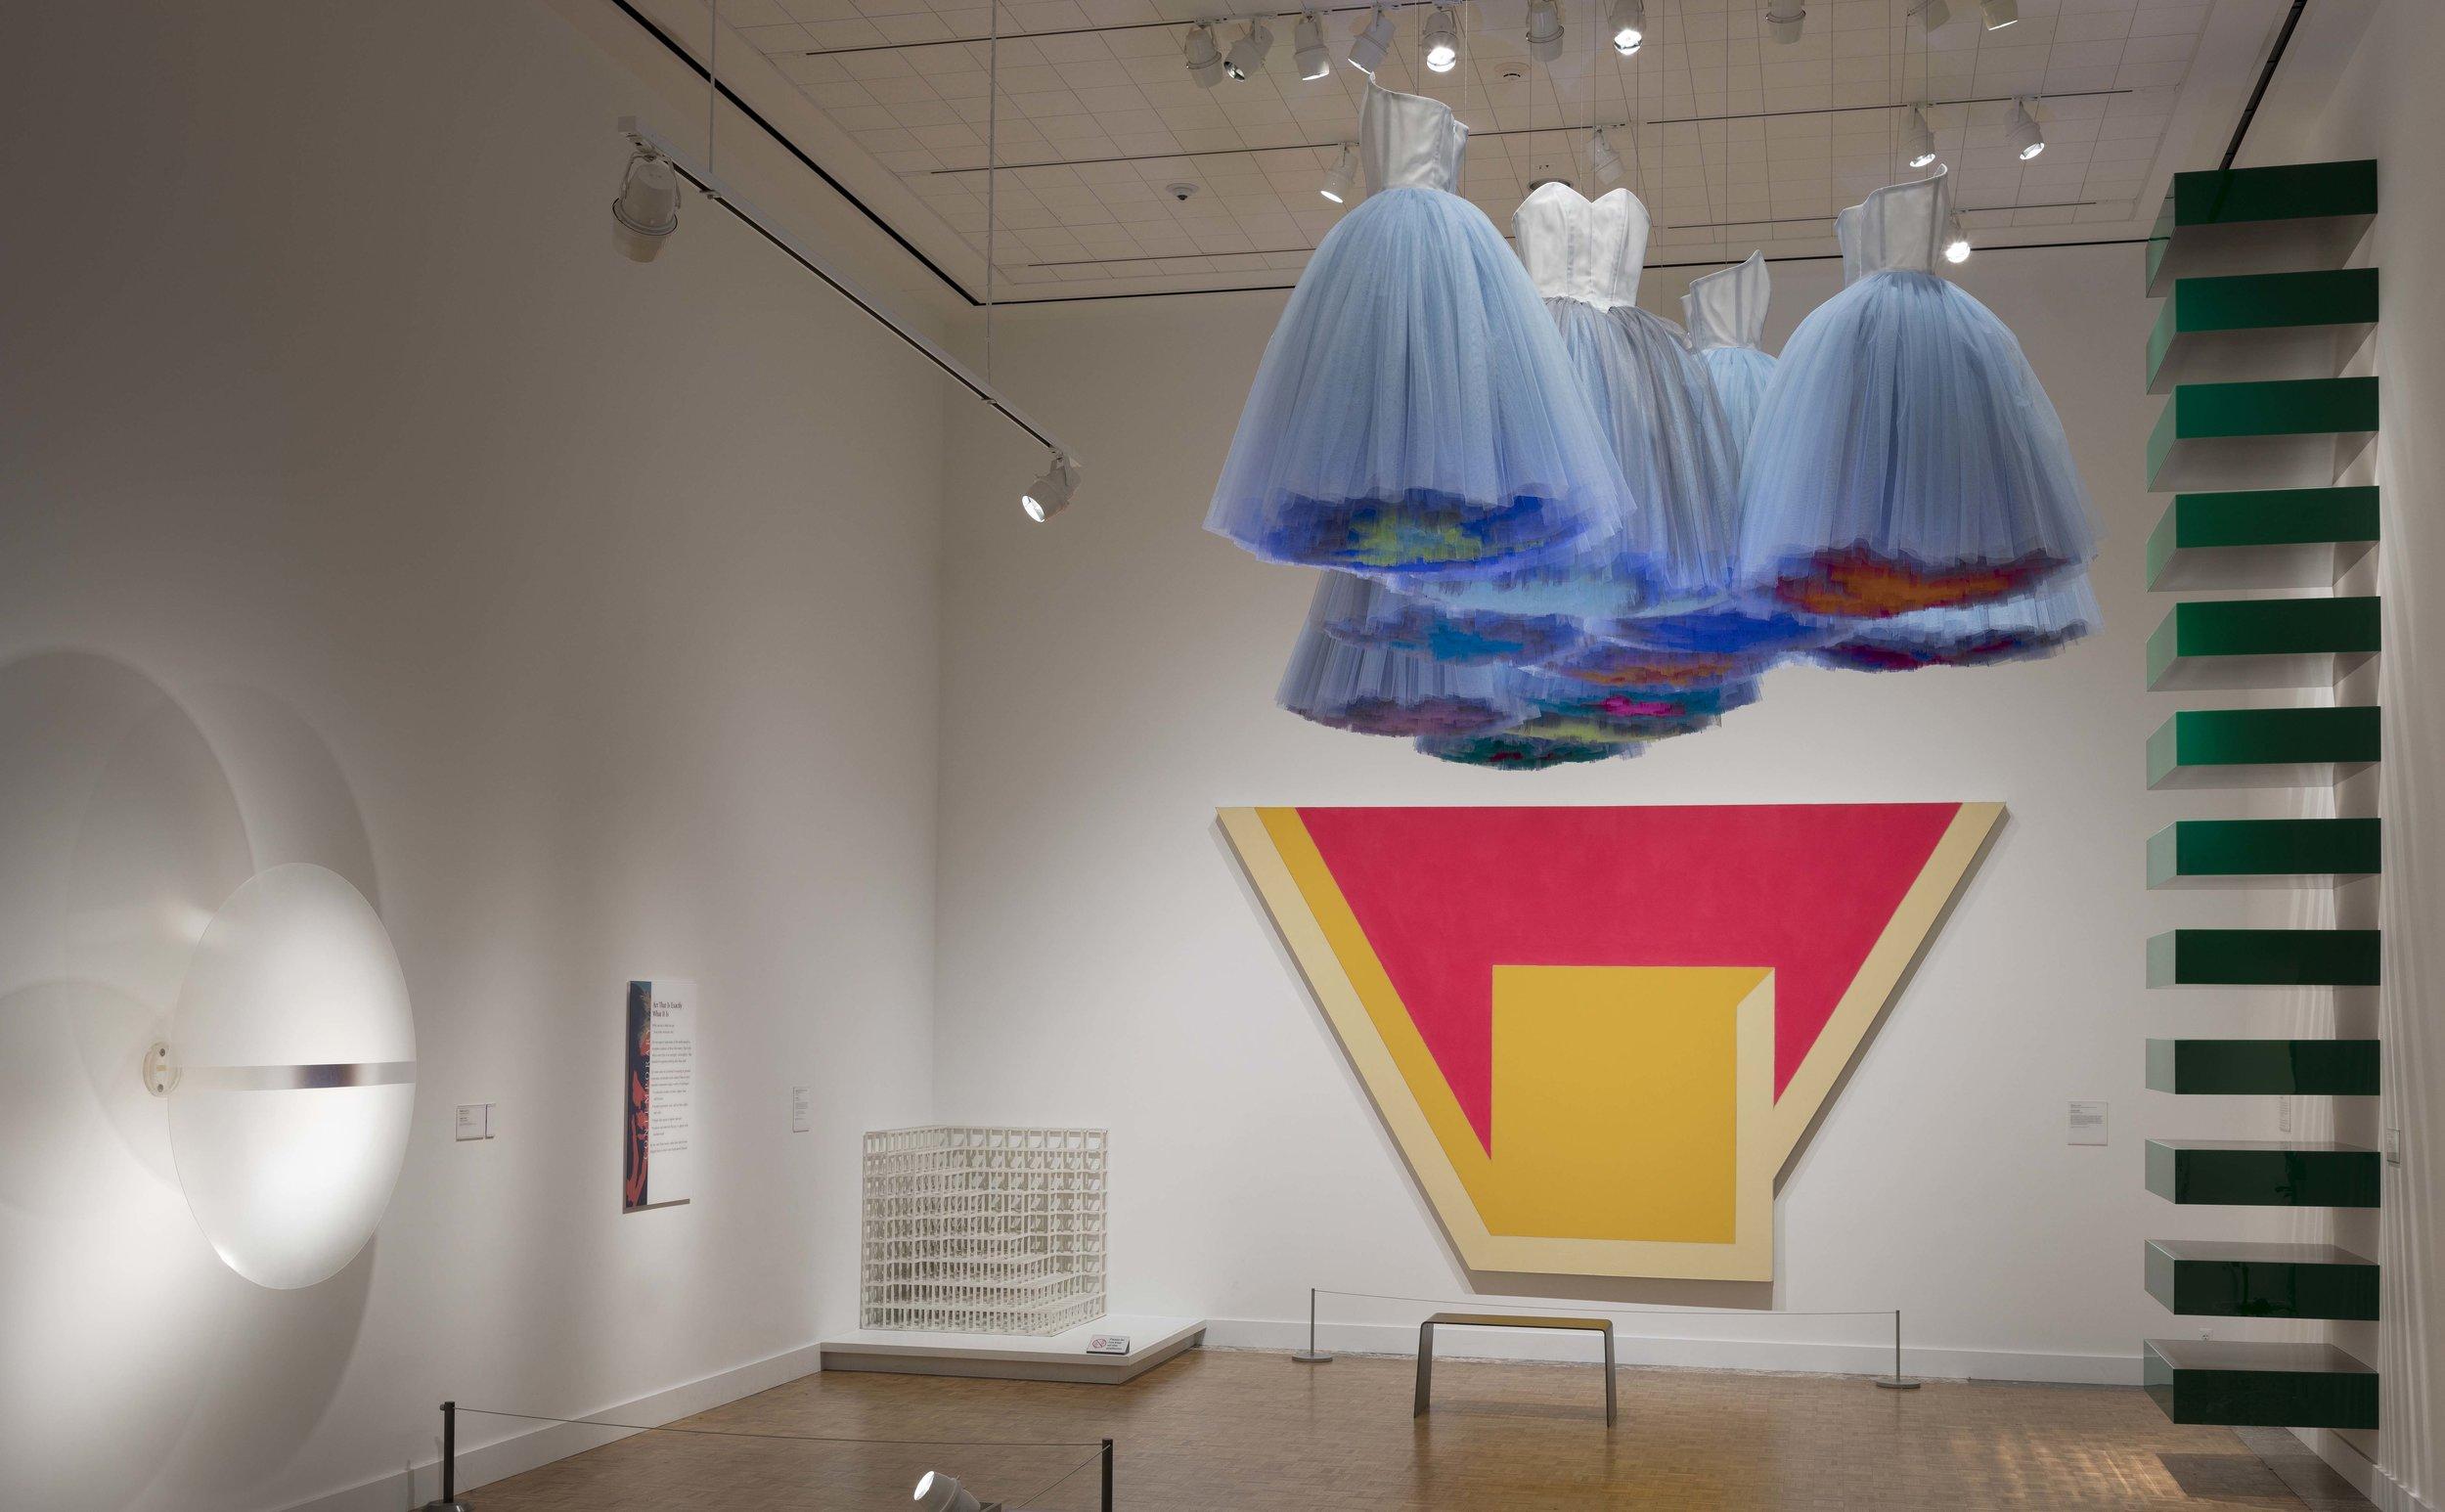 p-exhibitions-2018-12-04-ruben_isabel_toledo-009.jpg